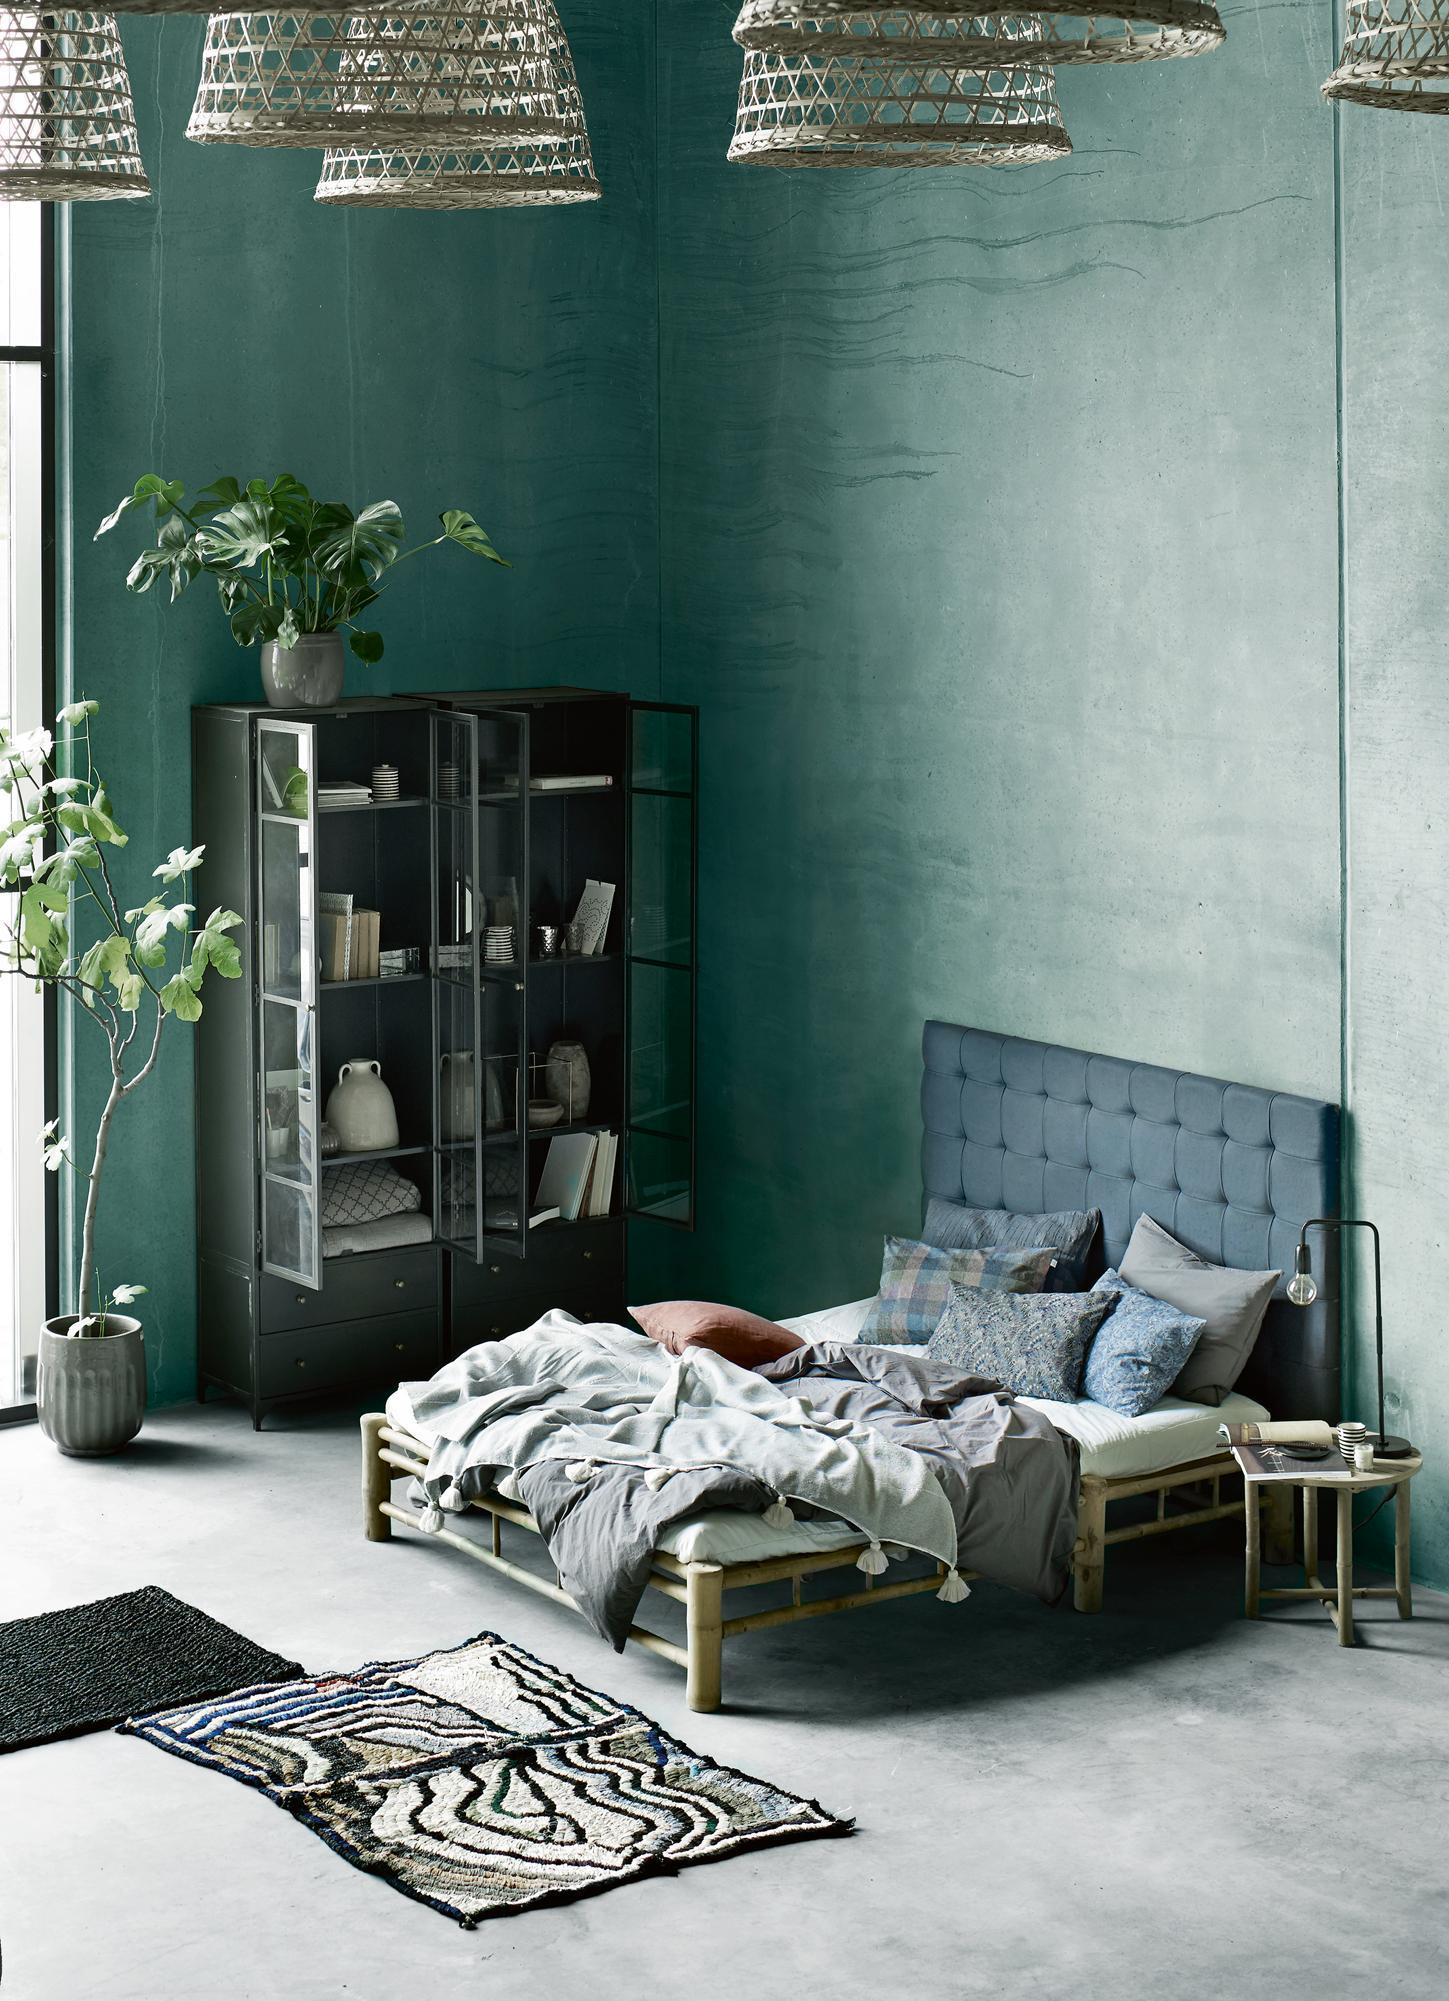 Hochwertig Farbgestaltung Im Schlafzimmer #bett #zimmerpflanze #schlafzimmergestalten  #bettvorleger #zimmergestaltung ©Tine K